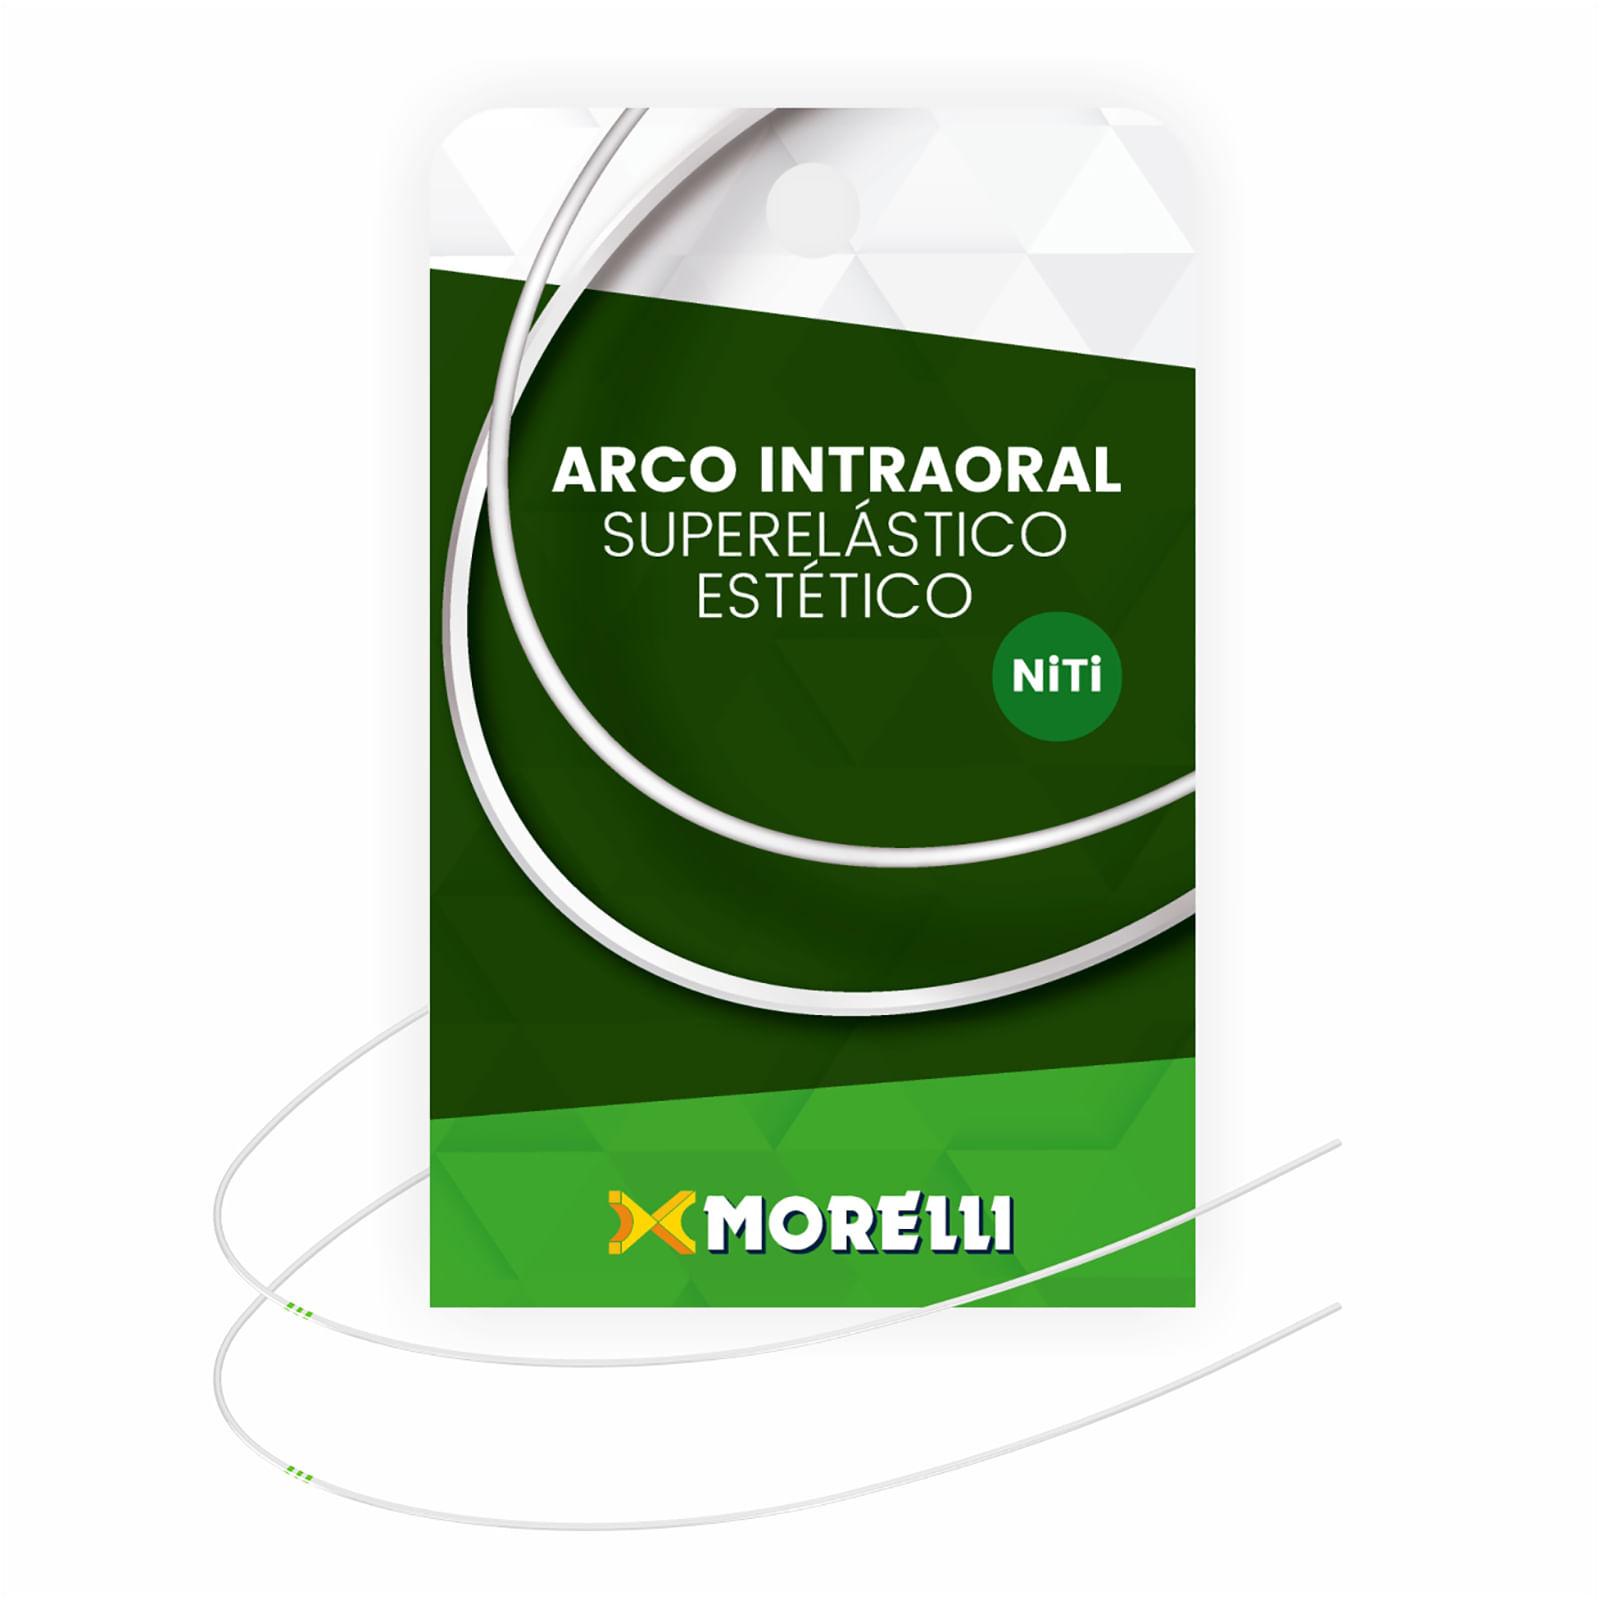 ARCO-ESTETICO-INTRAORAL-SUPERELASTICO-NITI---COLORIDO-BEGE---REDONDO-.016--GRANDE---MORELLI